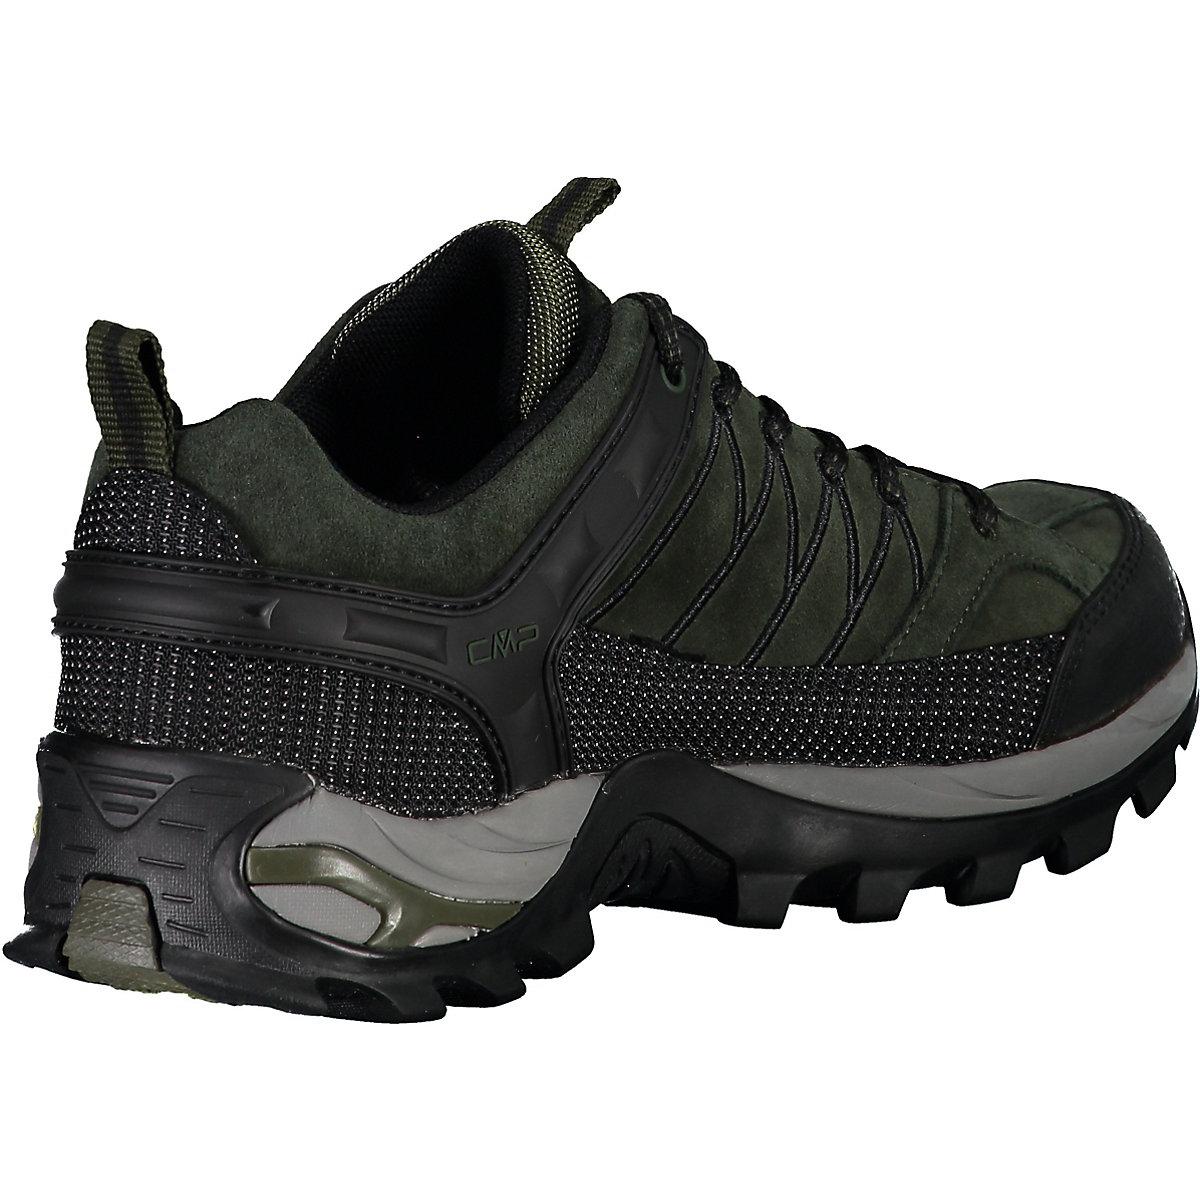 Cmp, Rigel Low Trekking Shoes Wp Wanderschuhe, Dunkelgrün